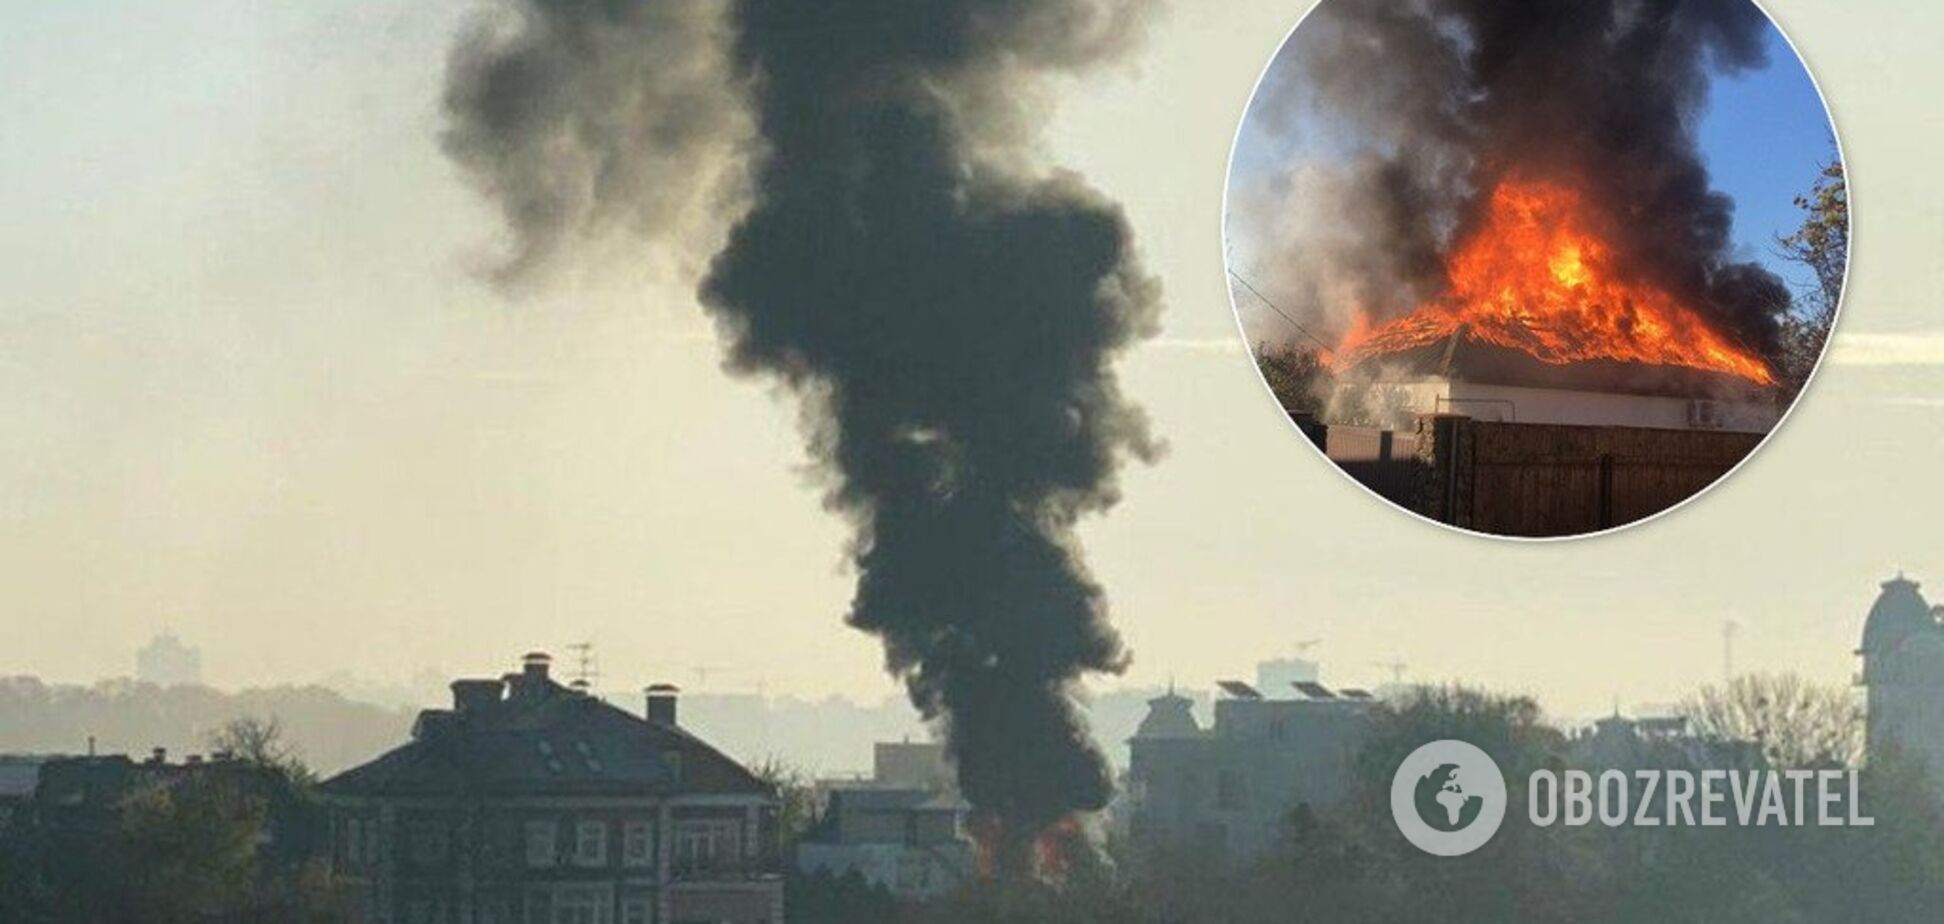 Дим видно з усього міста: у Києві виникла масштабна пожежа